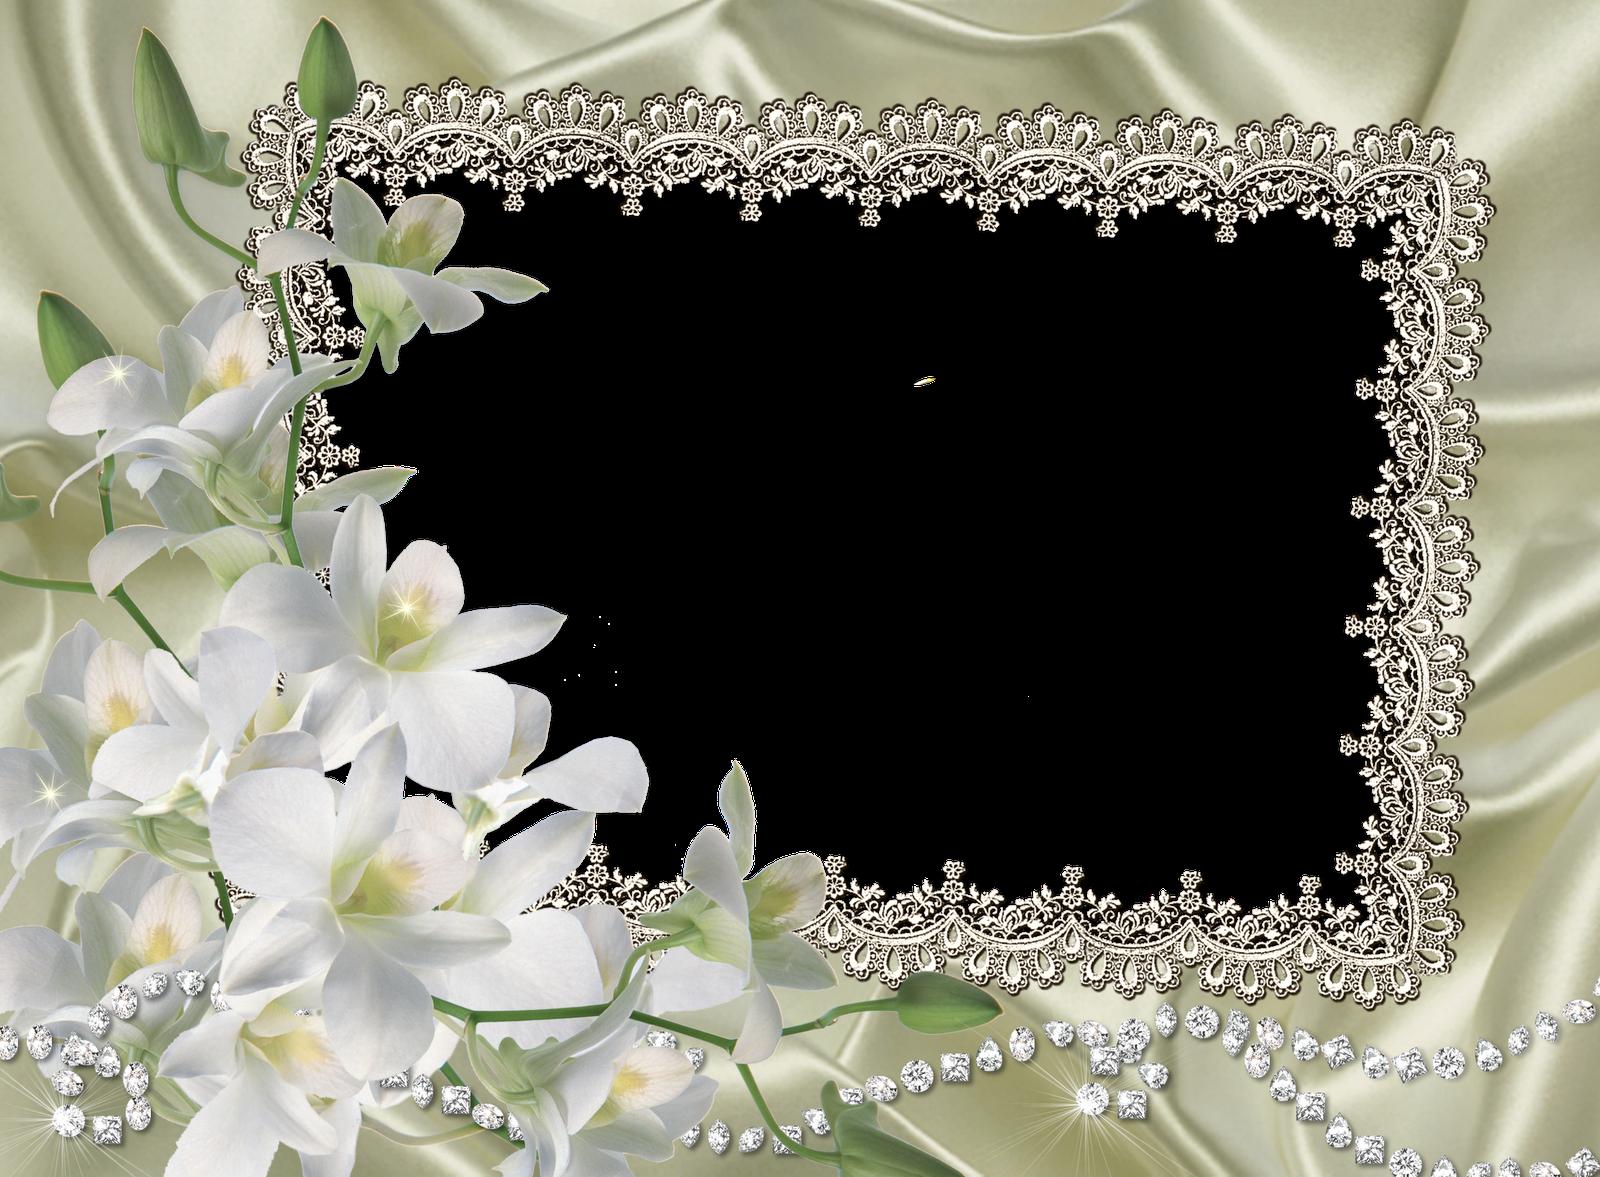 Fondos vintage para invitaciones de boda wallpaper hd para bajar gratis 3 hd wallpapers - Marcos de plata para bodas ...